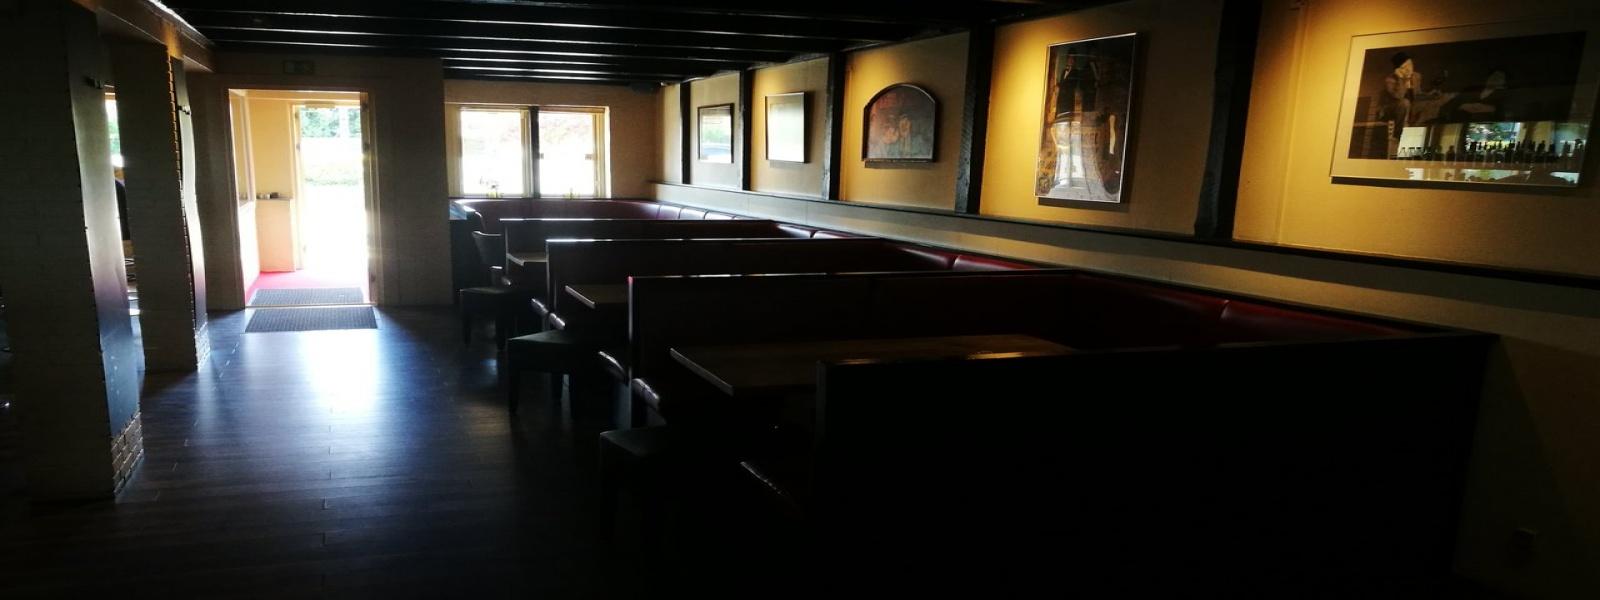 Restauration, pub og cafe,Solgt,1169